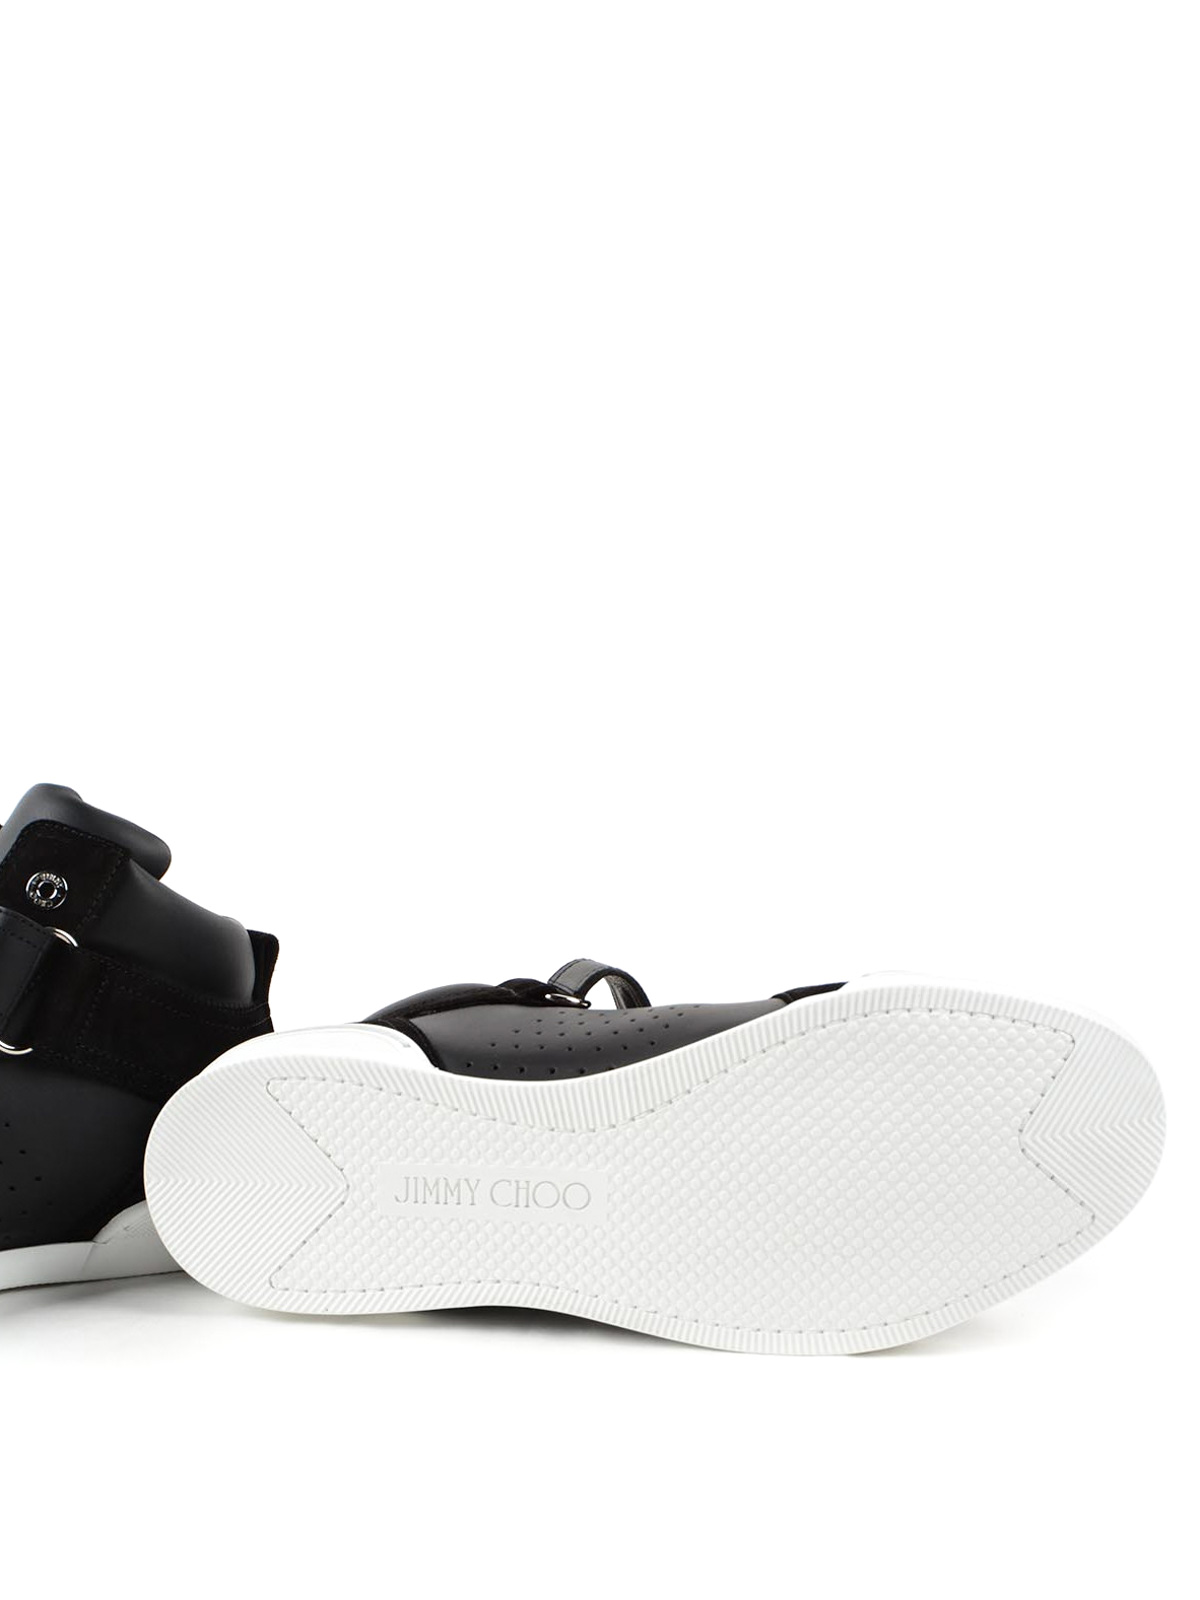 d5f1419286 Jimmy Choo - Lewis high top sneakers - trainers - LEWIS OCU BLACK/BLACK